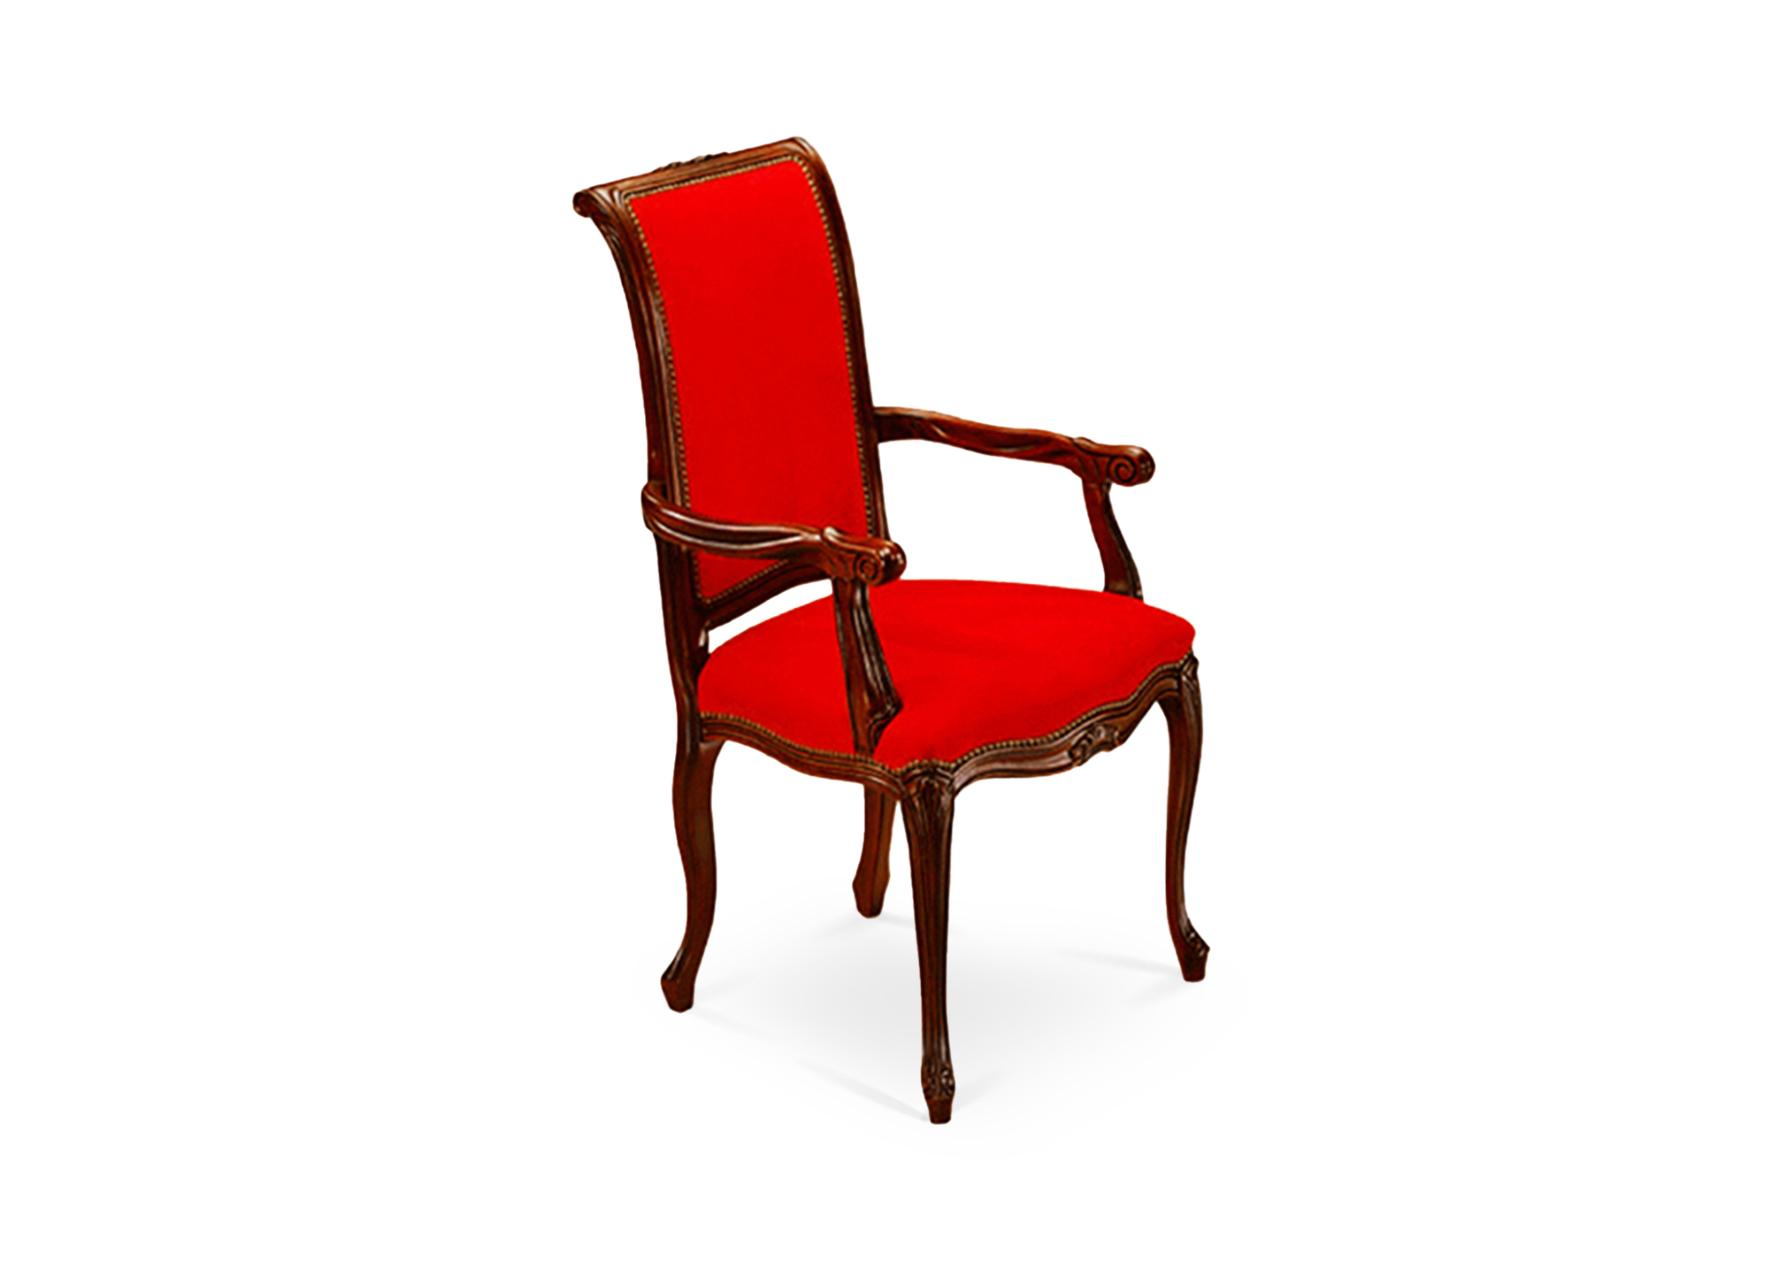 Felicity chaise bras style parson clous pavar for Chaise avec bras